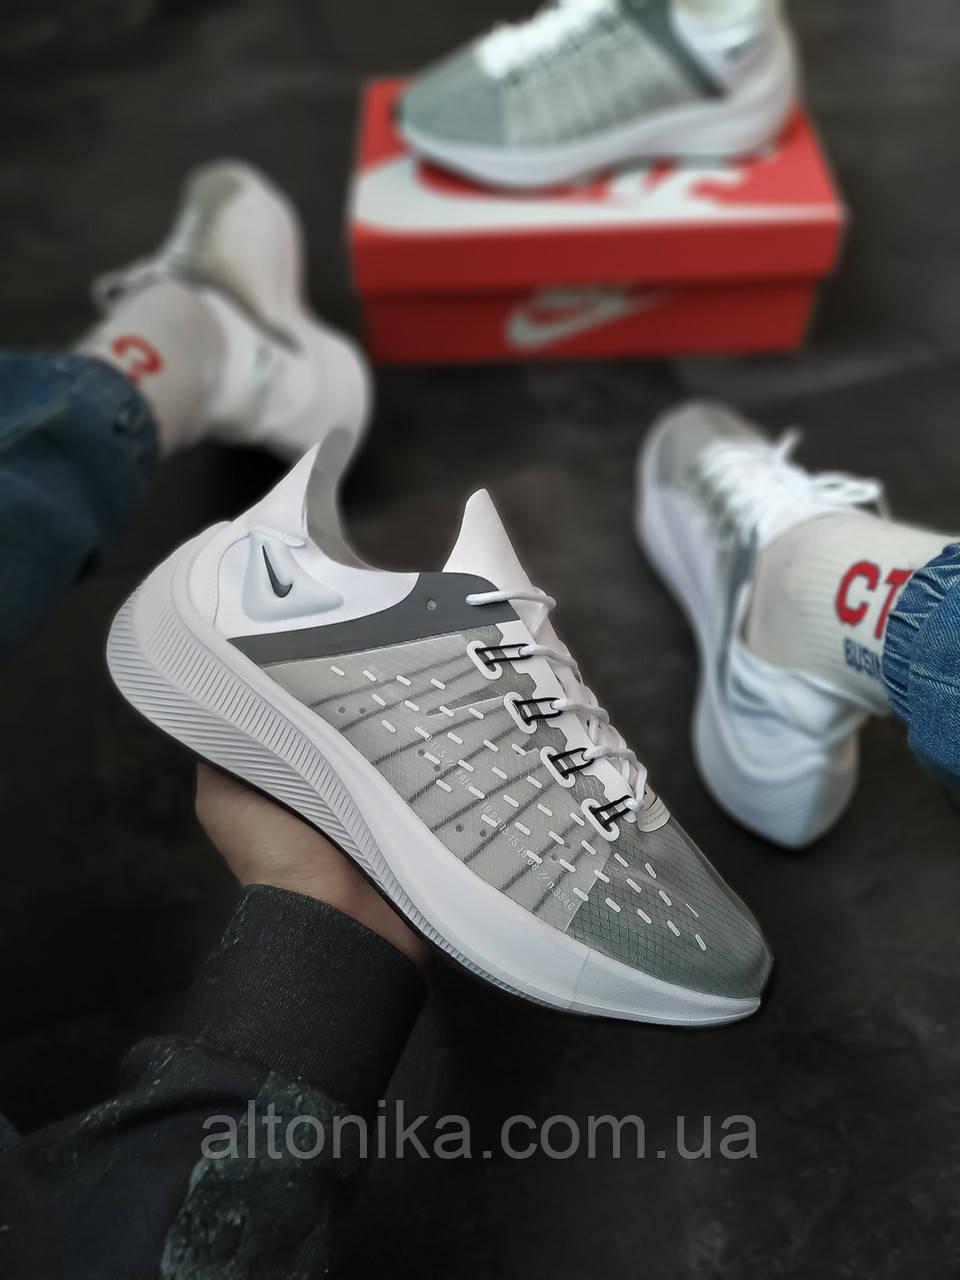 44р-28 см. Кроссовки Nike EXP-X14 Серые. NK1-16-4145